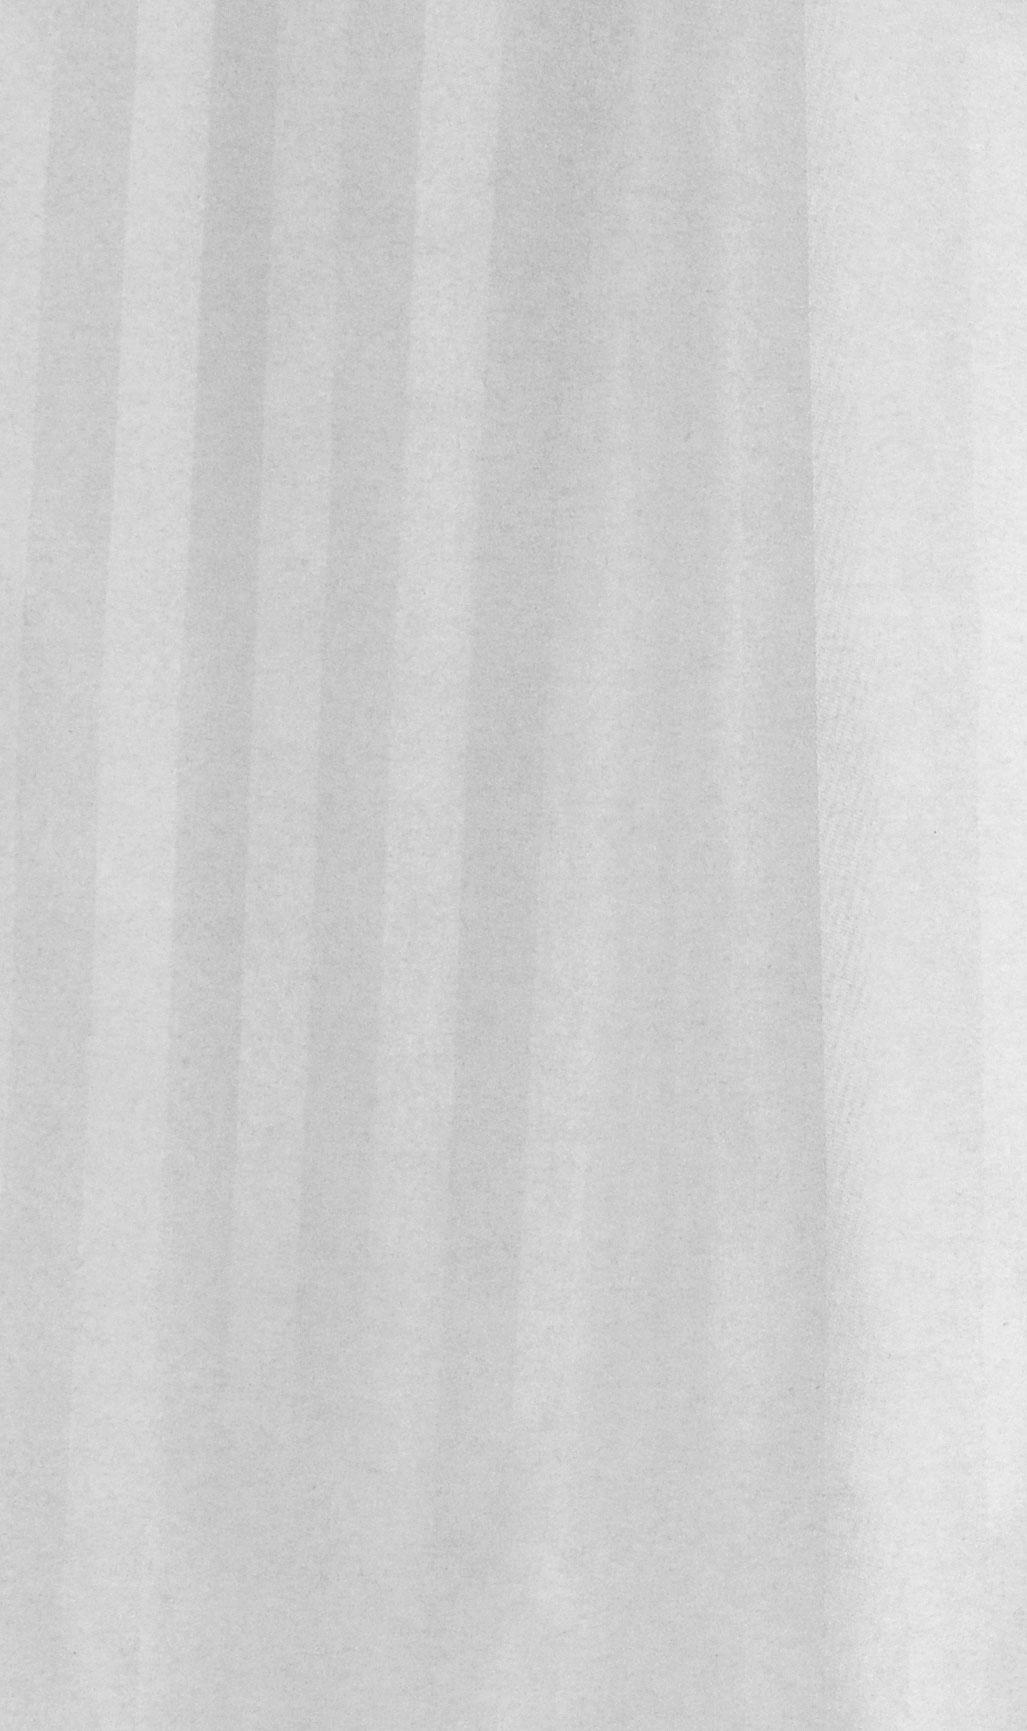 Штора для ванной комнаты White Fox Полоска, цвет: белый, 180 см х 200 см штора для ванной комнаты vanstore zober цвет белый 180 х 180 см